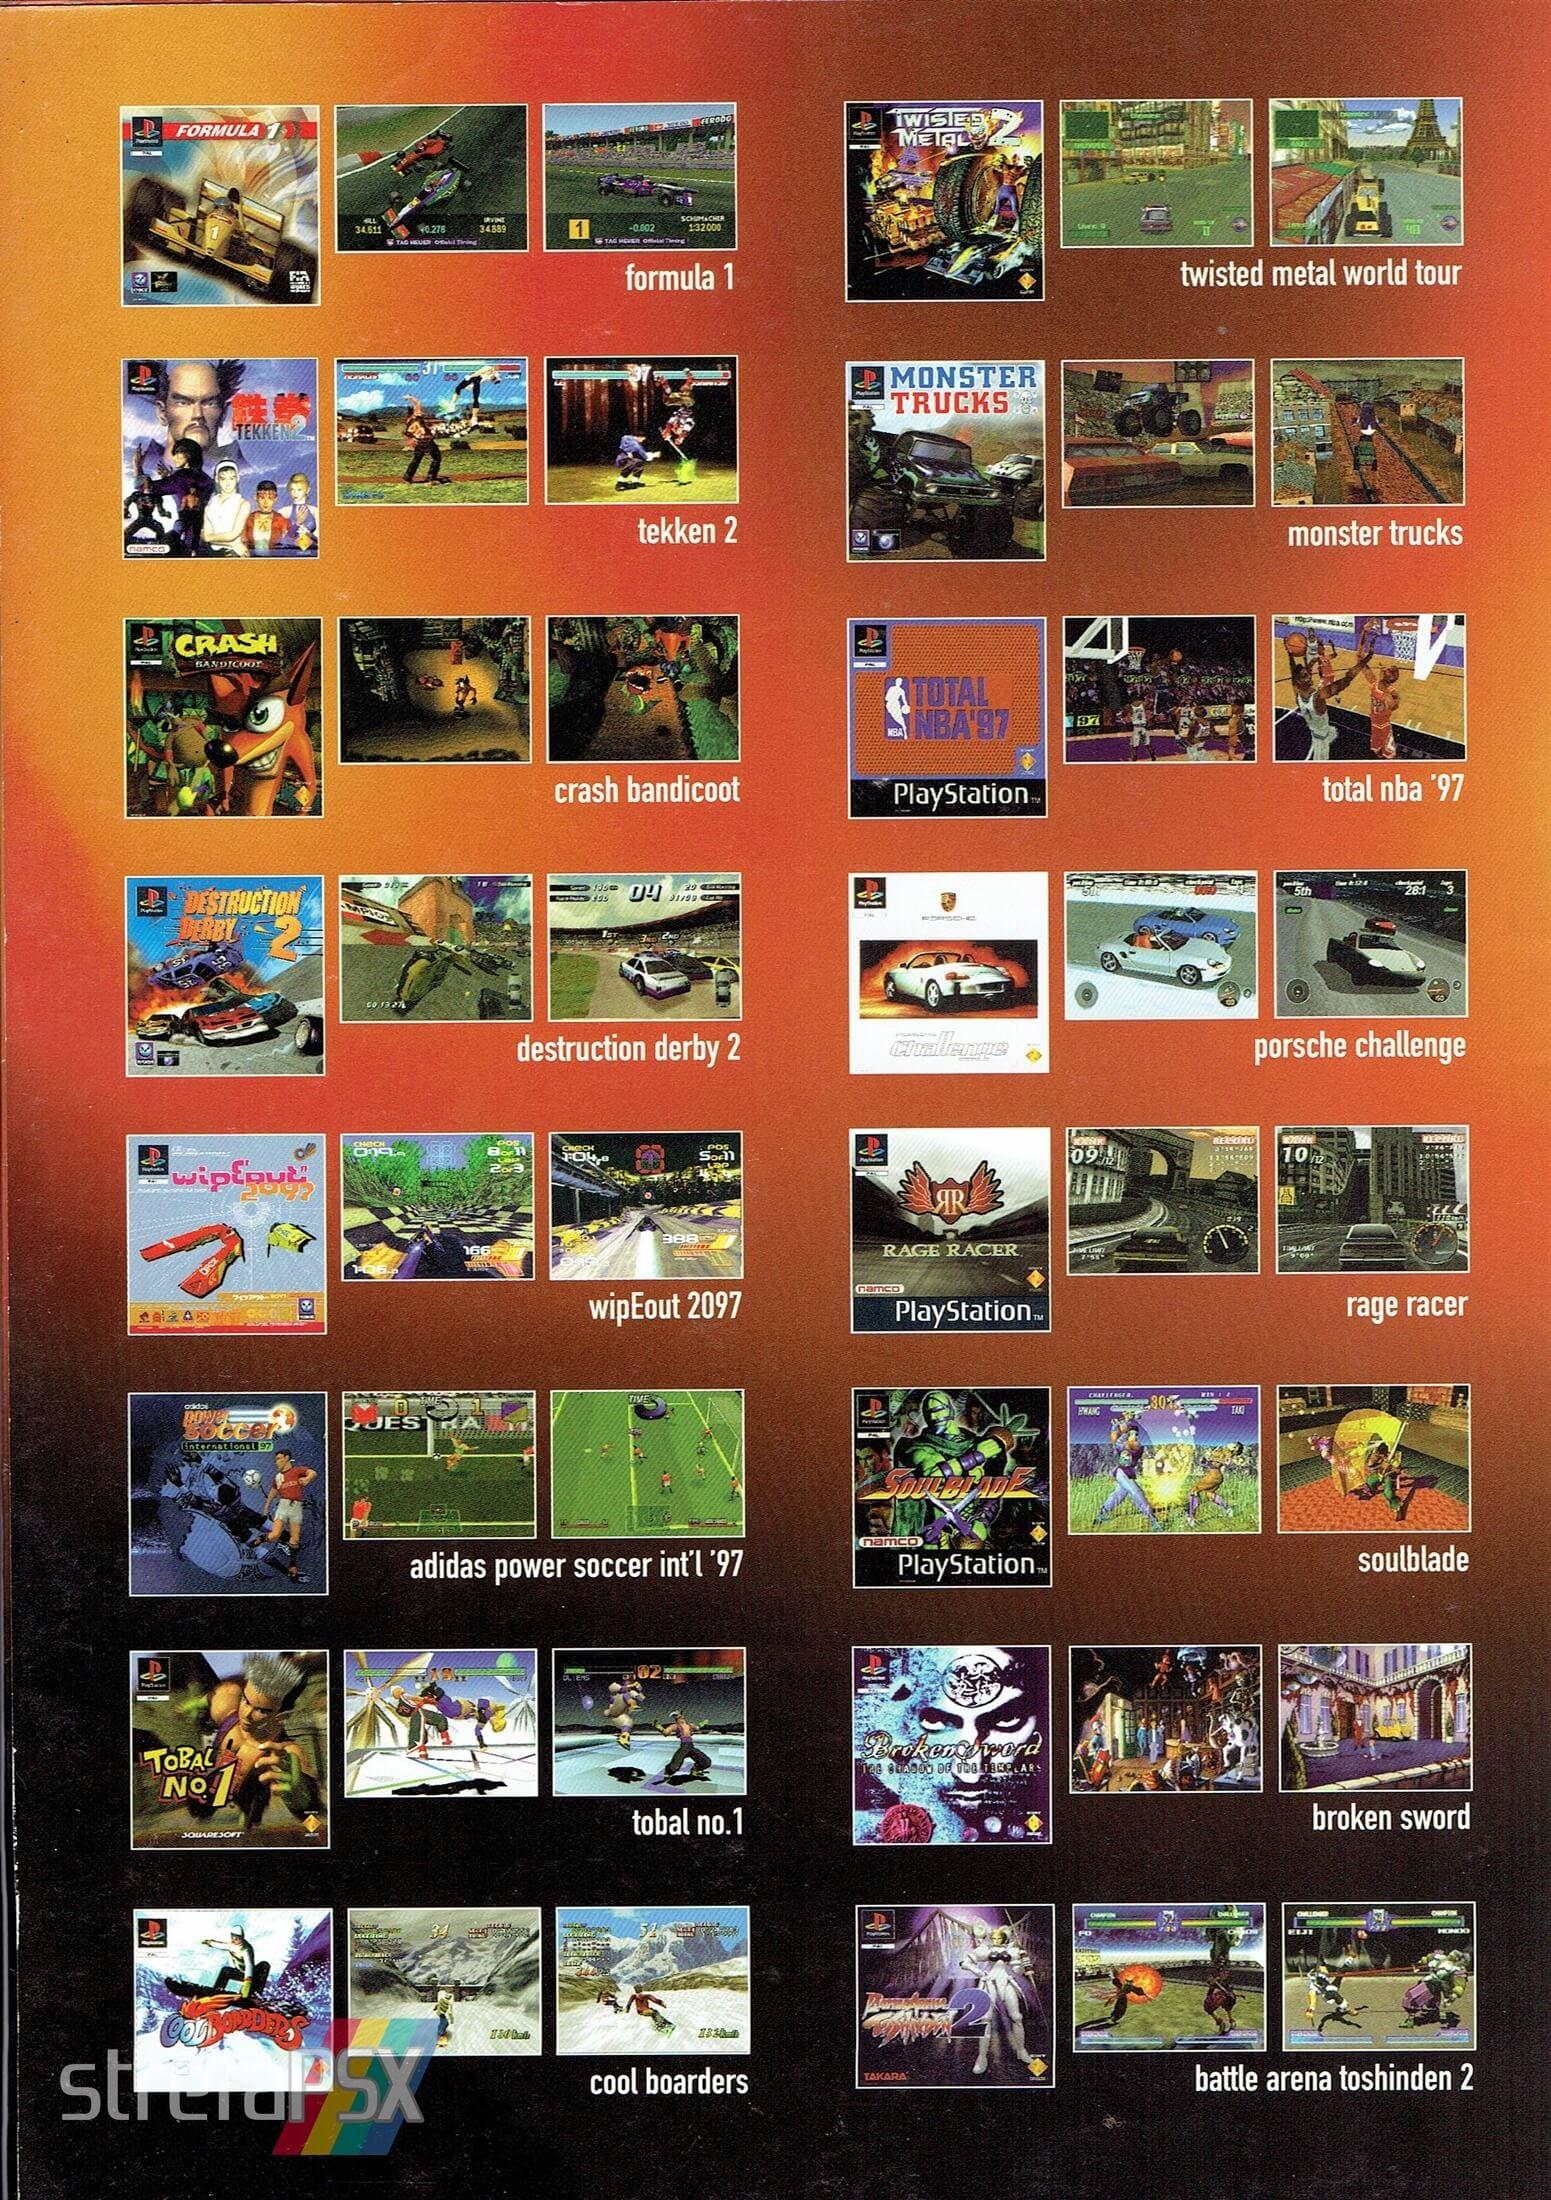 broszura reklamowa psx 02 - Broszury reklamowe PlayStation z dawnych lat